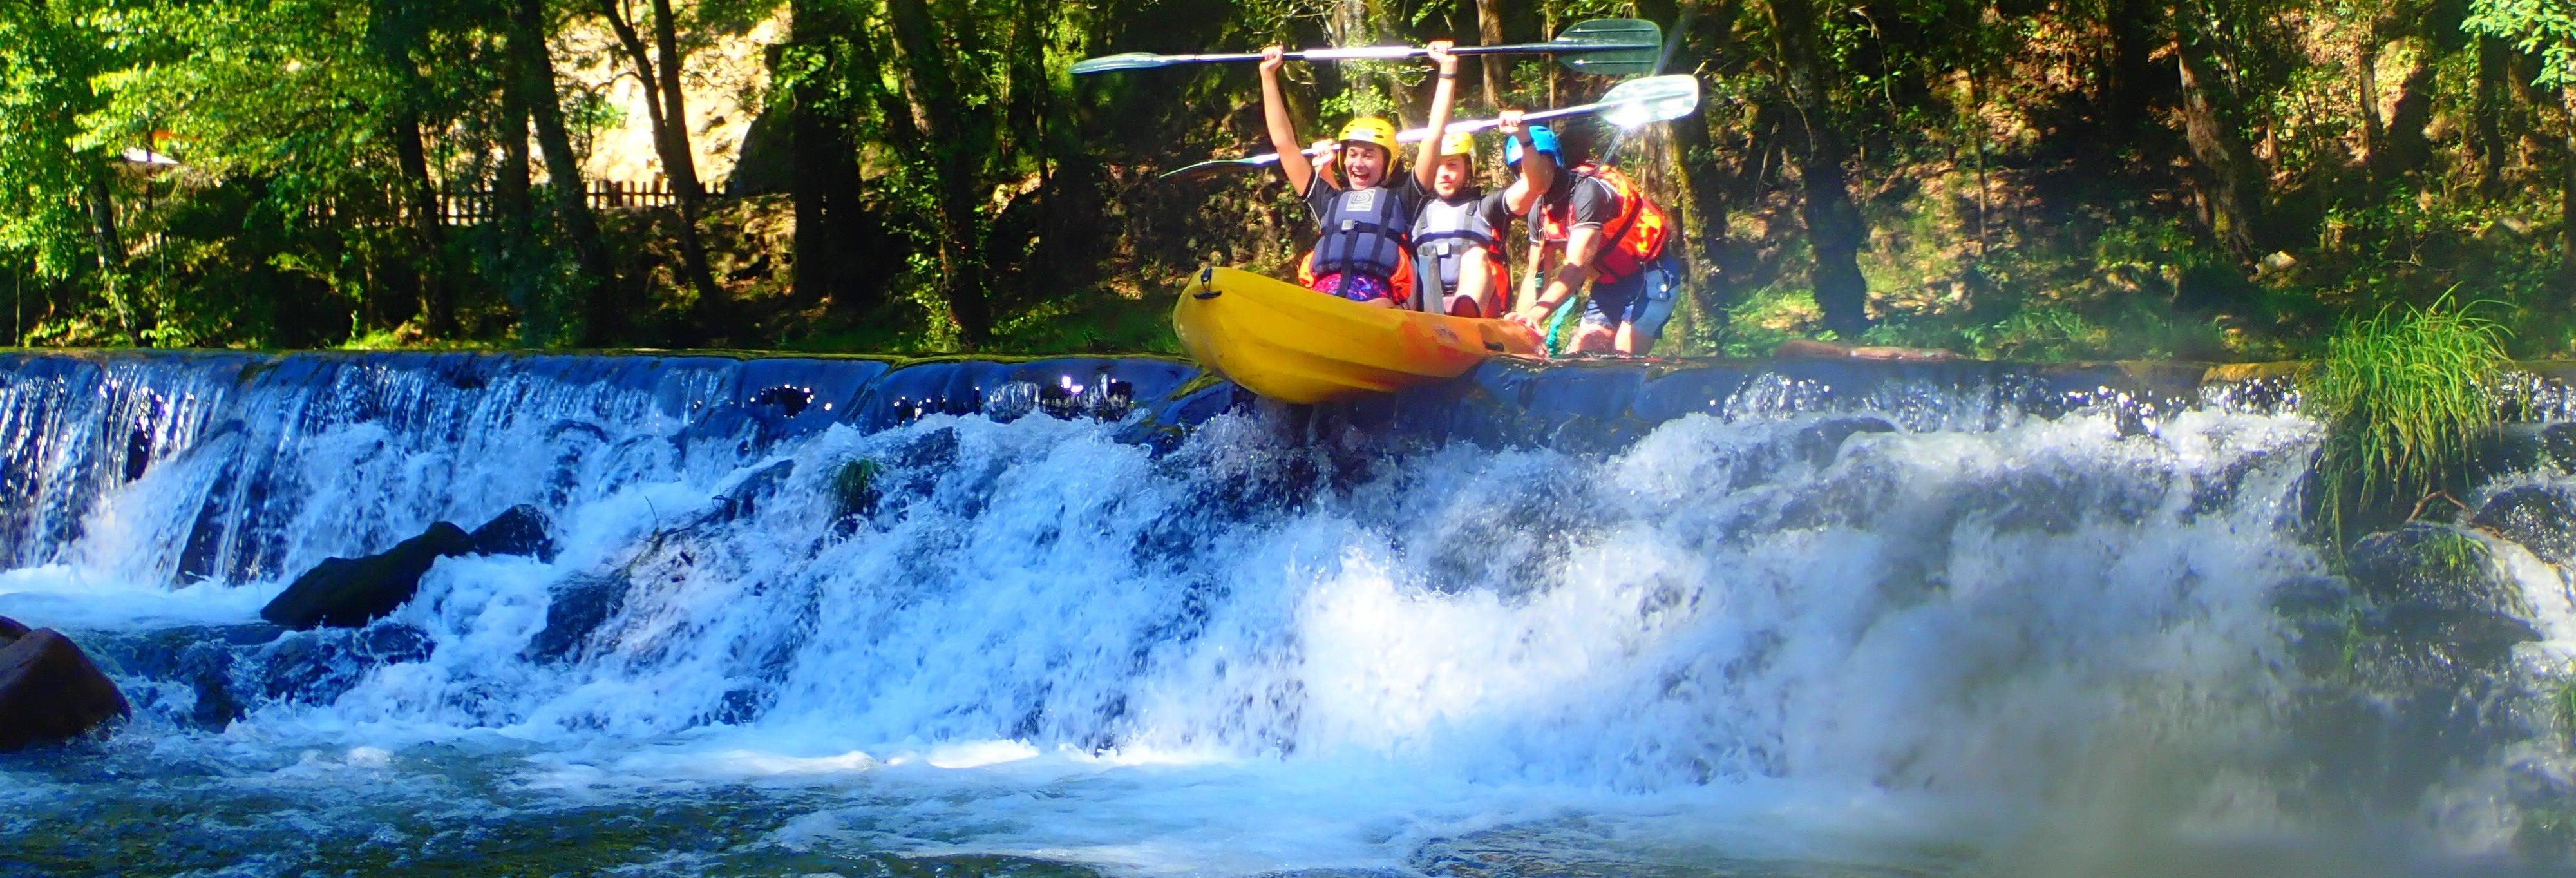 Tour de caiaque pelo rio Vez